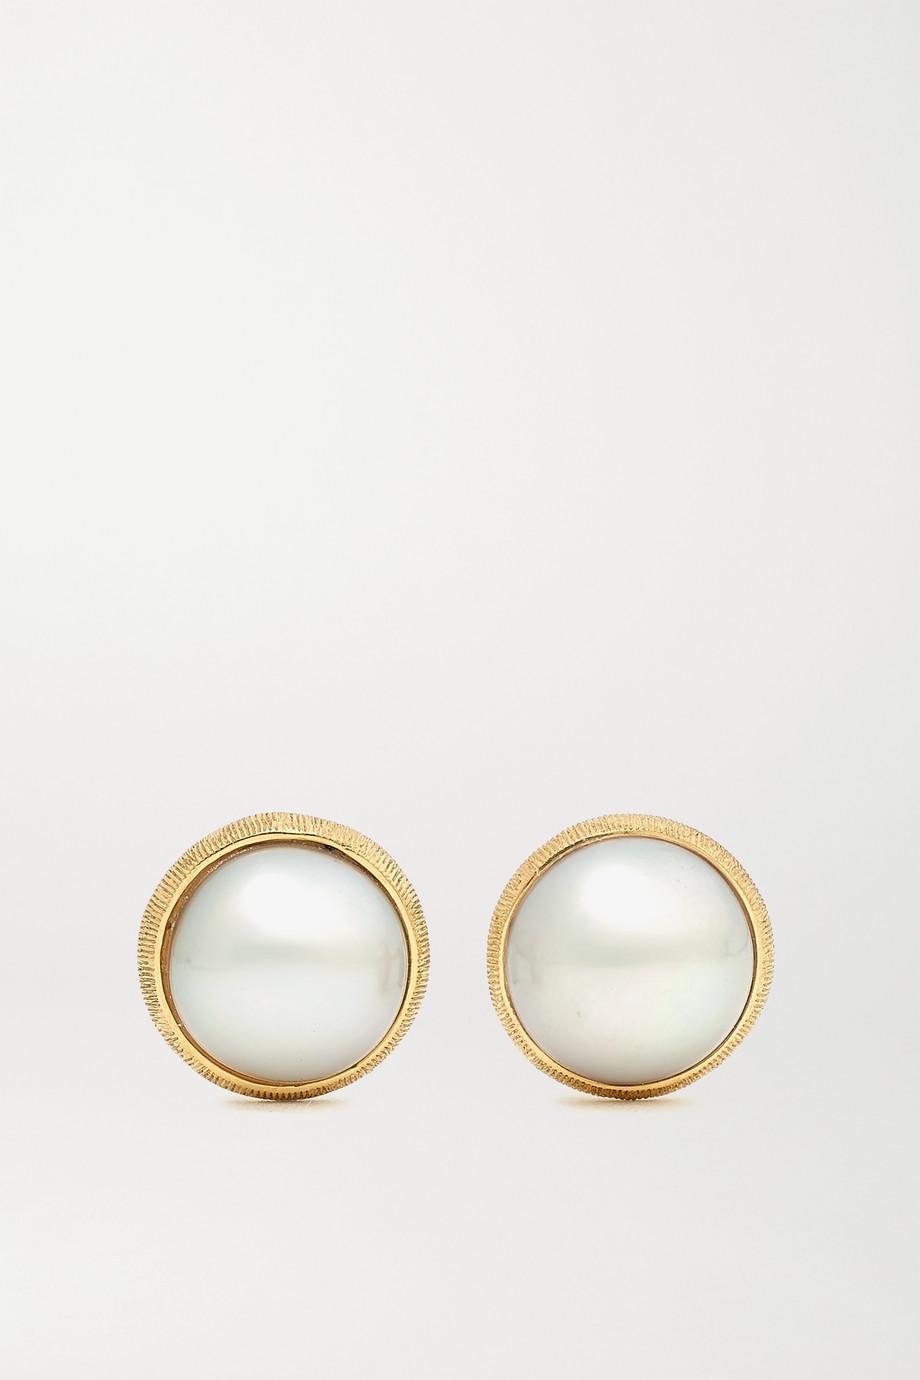 OLE LYNGGAARD COPENHAGEN Lotus 18-karat gold pearl earrings